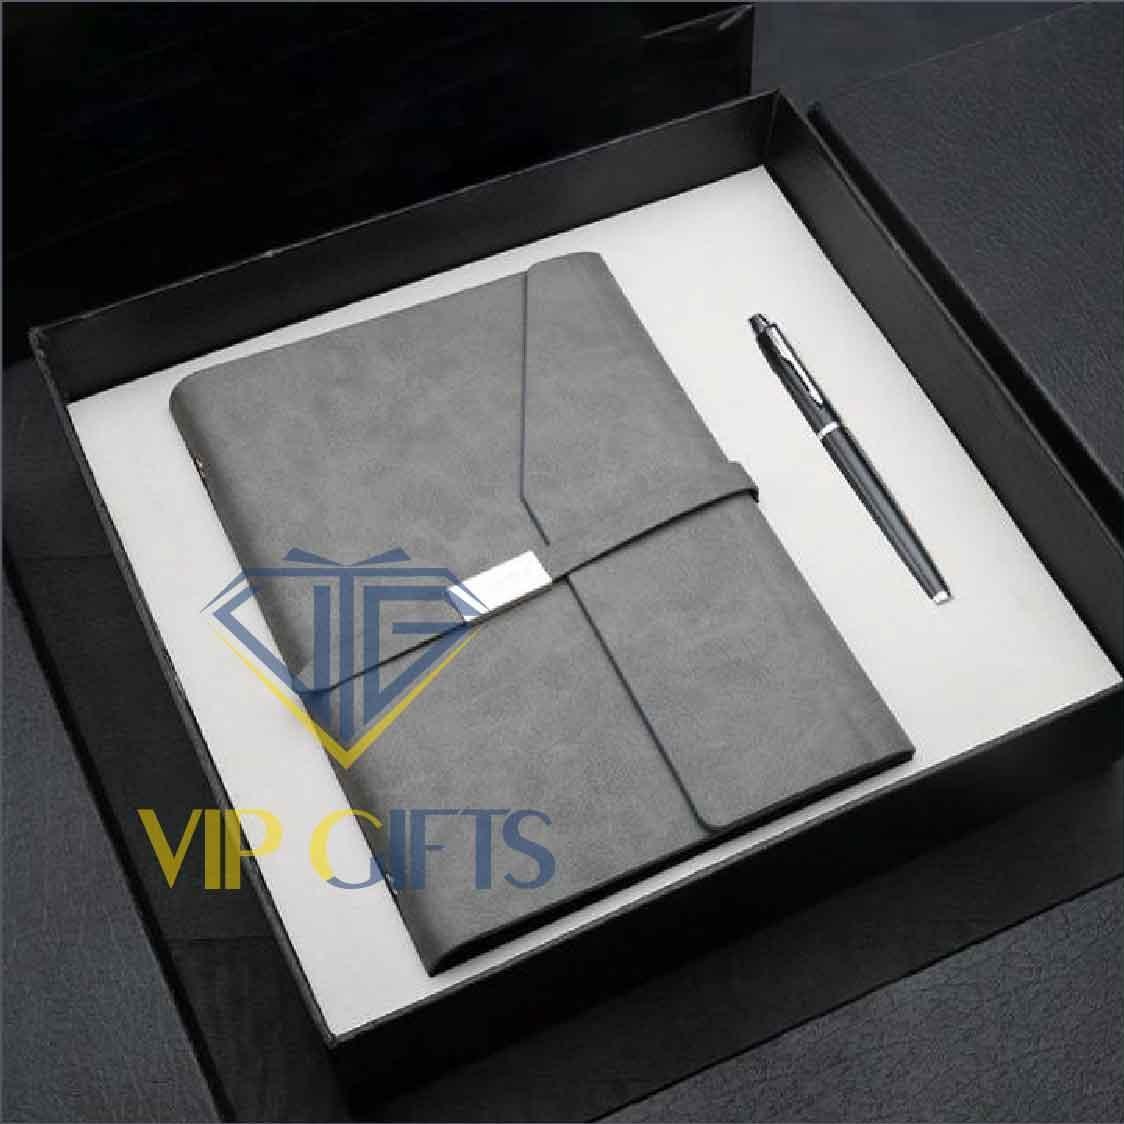 Bộ giftset Quà tặng VIP1 Sổ và bút 03